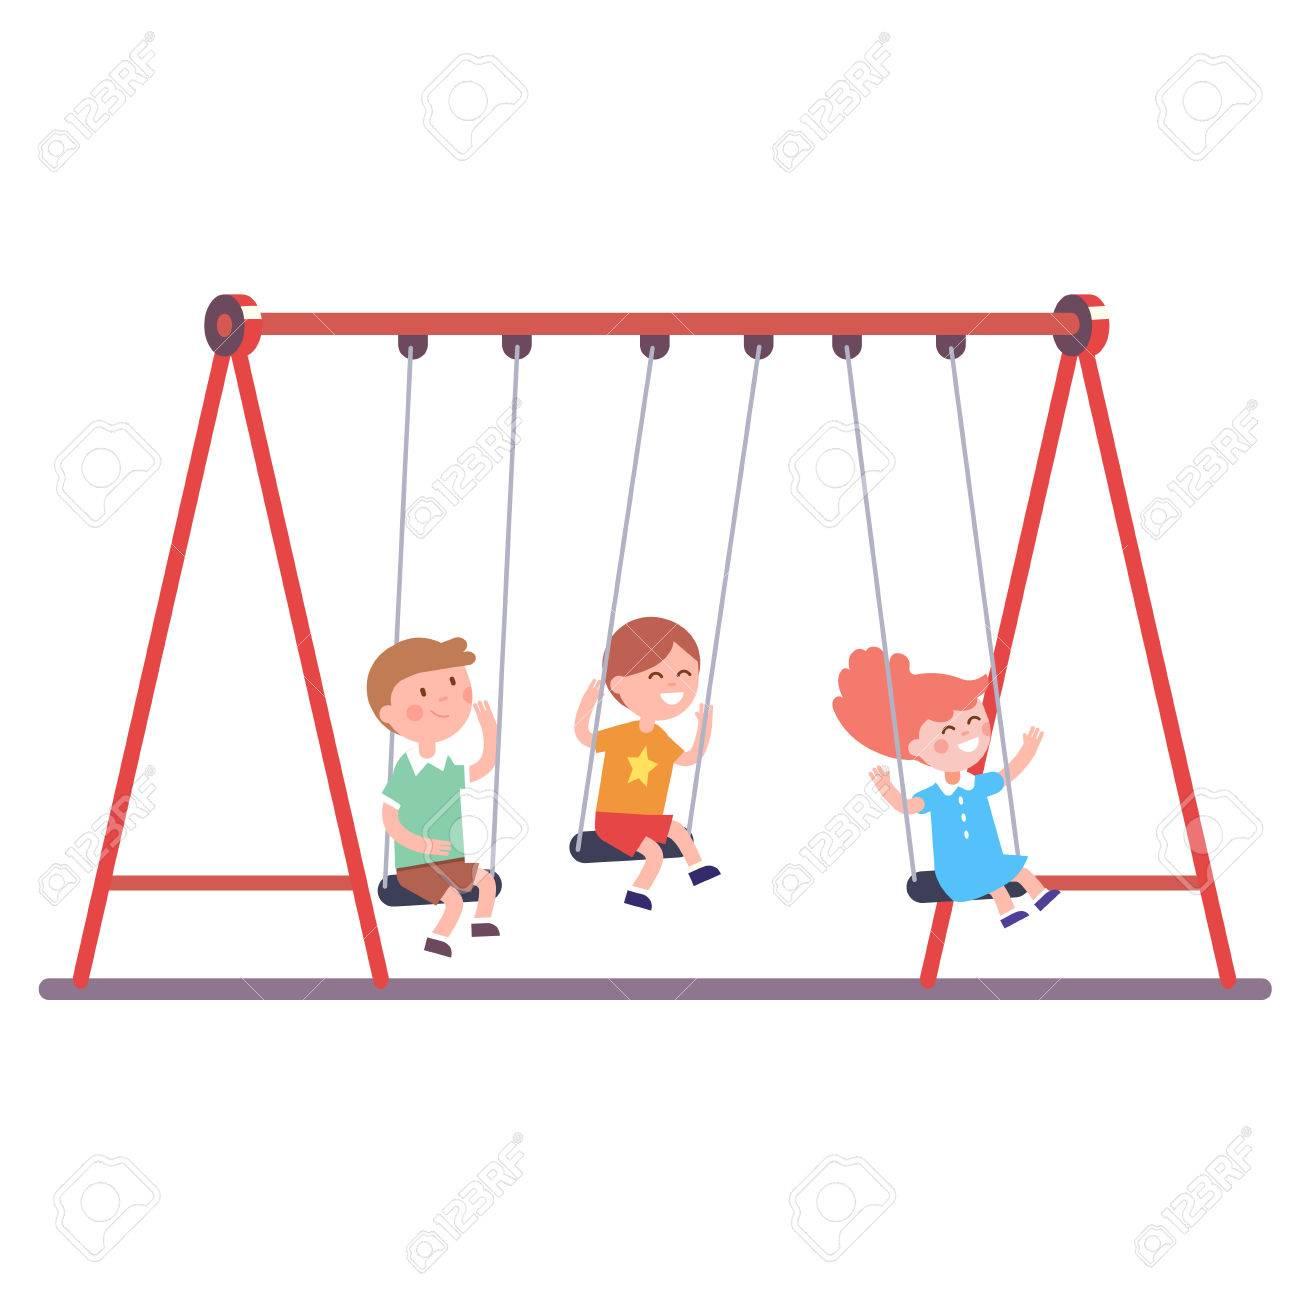 Drei Kinder Jungen Und Mädchen Schwingt Auf Einer Schaukel Zusammen